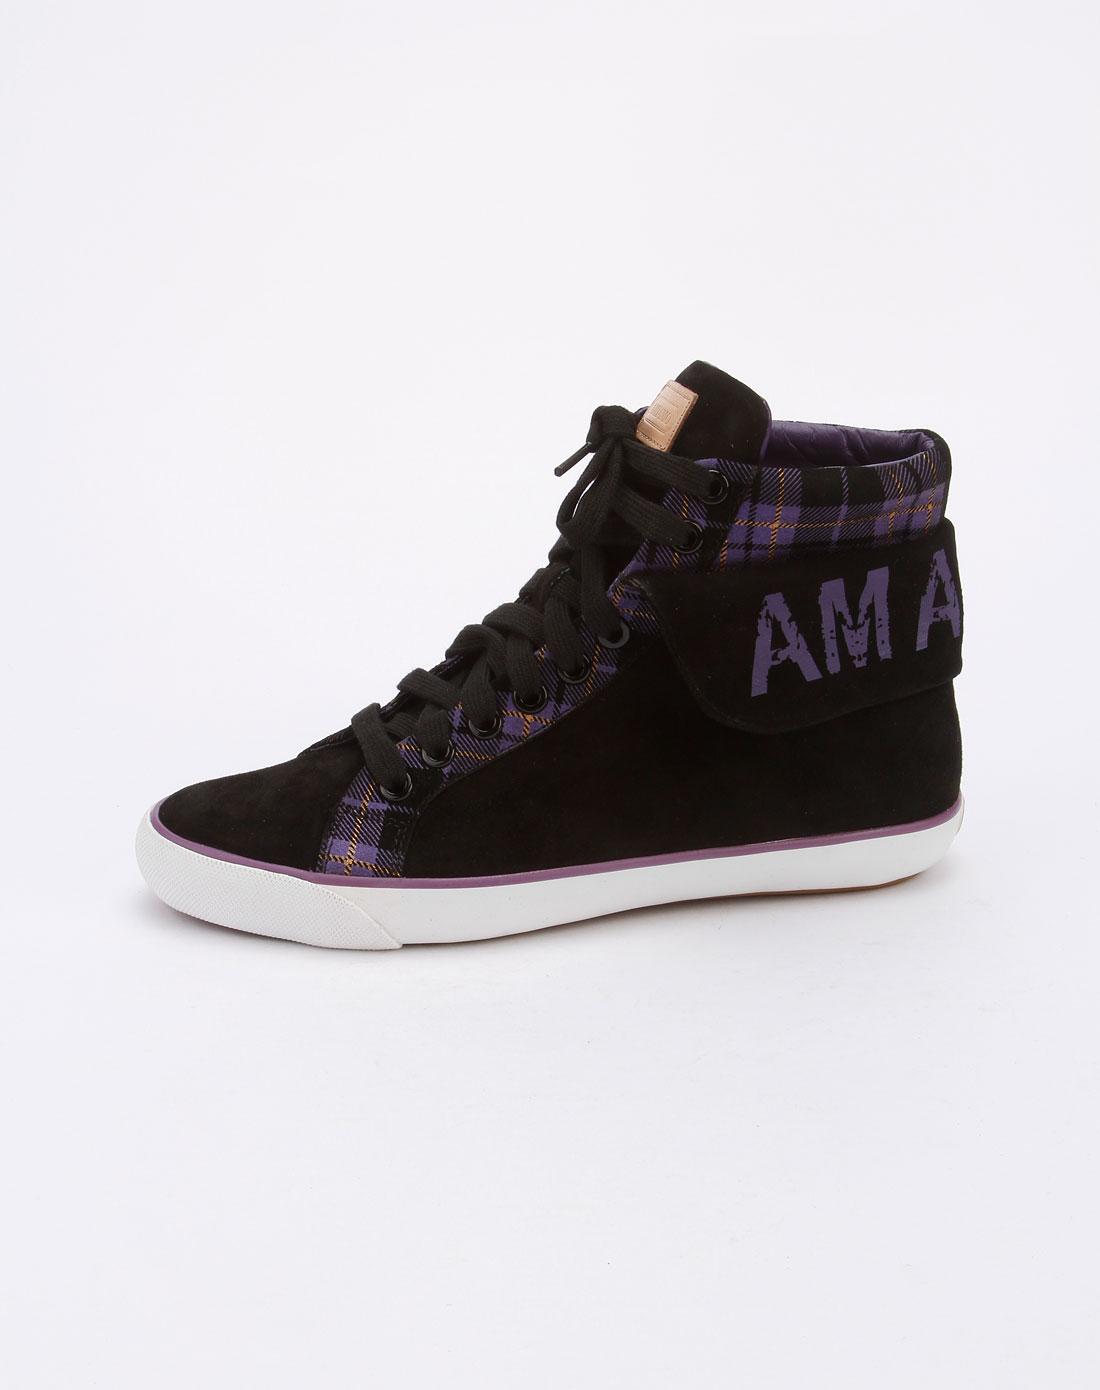 amiamo女款黑/紫色系带高邦休闲鞋2113e1bb253-96